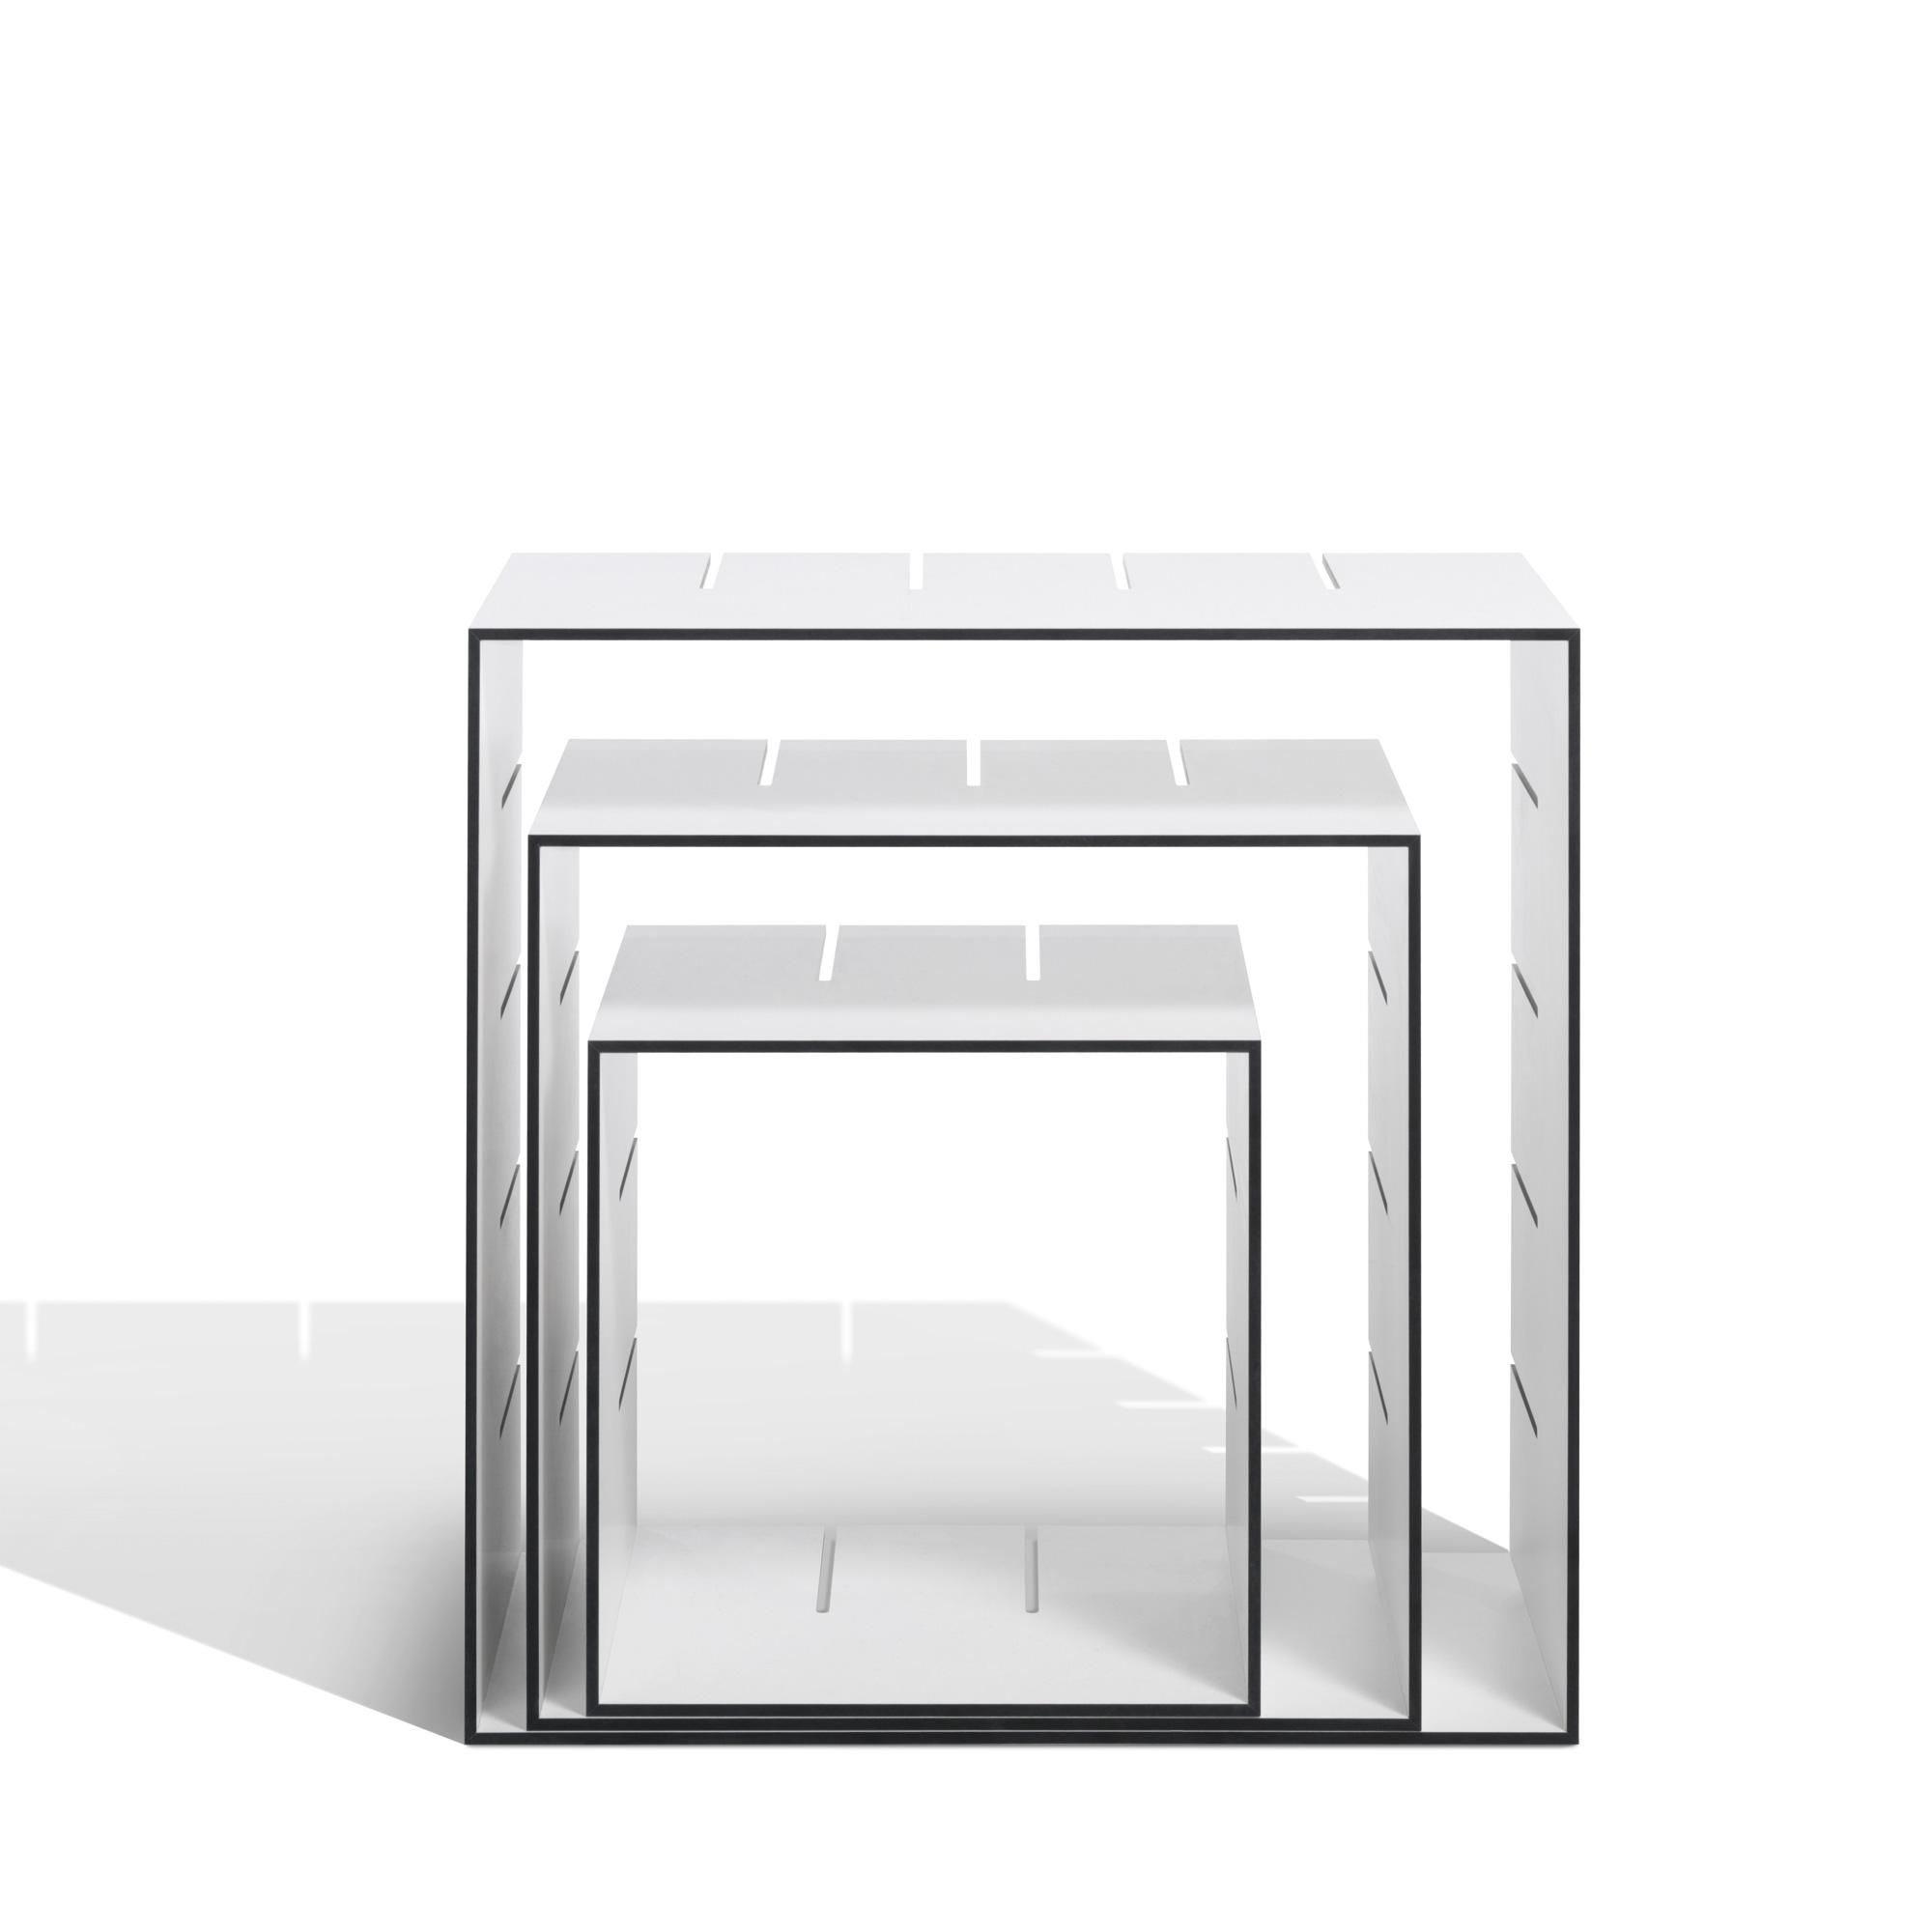 m ller konnex regal stecksystem 3er set kx200 200. Black Bedroom Furniture Sets. Home Design Ideas